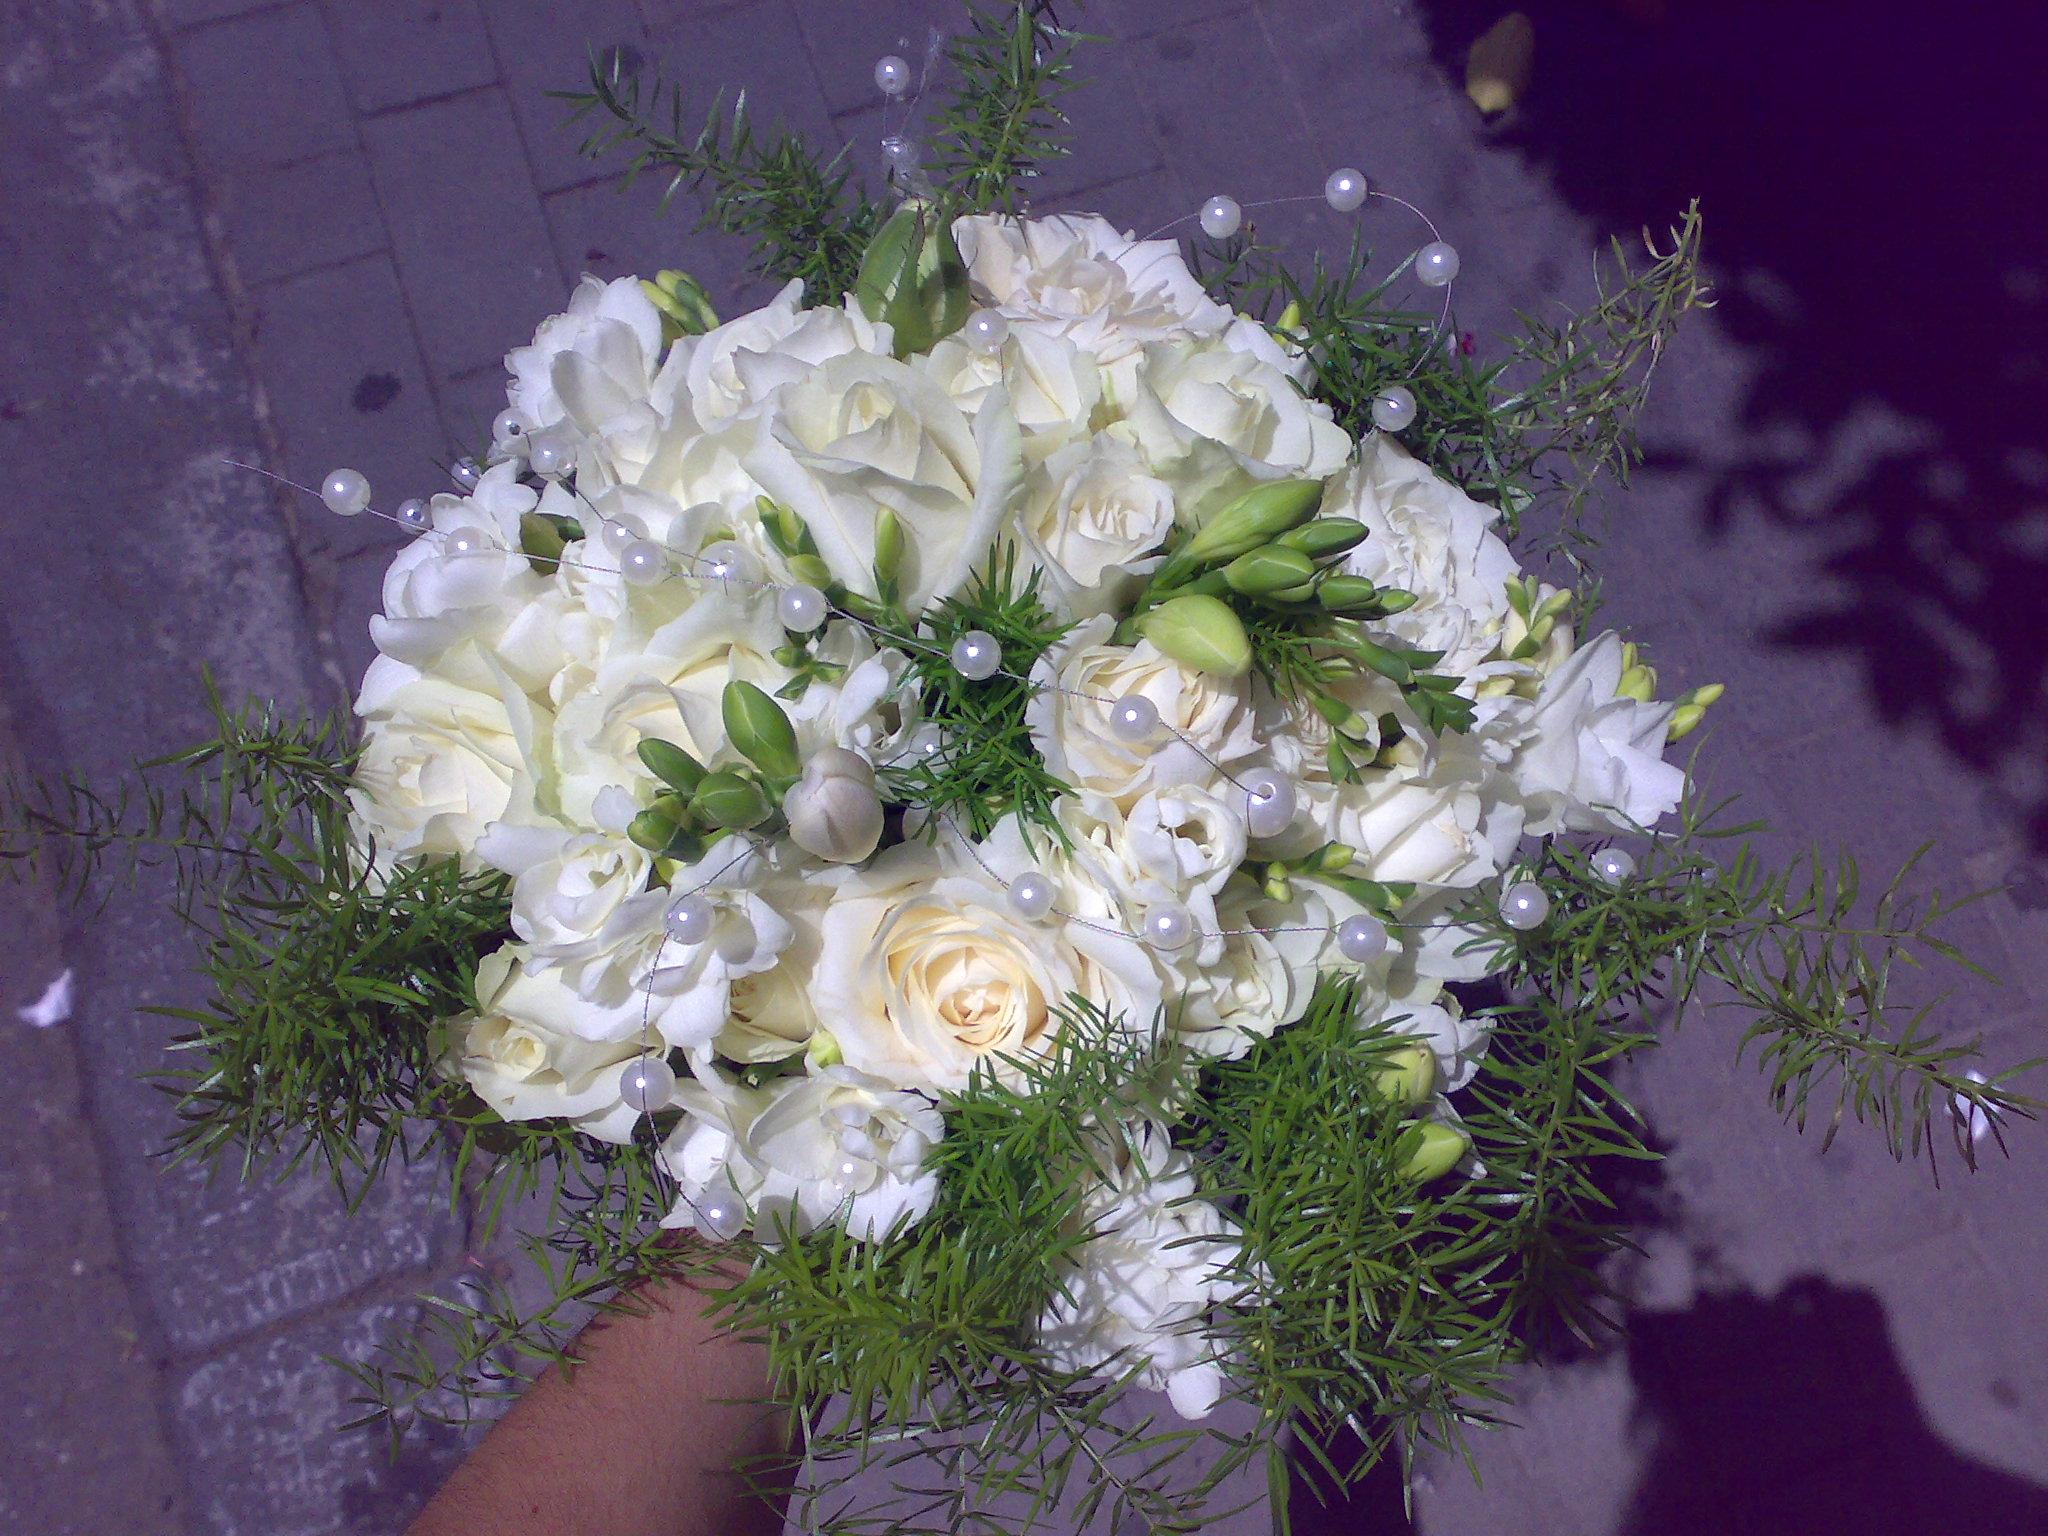 DOMENICA 25 NOVEMBRE - Pagina 7 Bouquet-rose-bianche-perle-rami